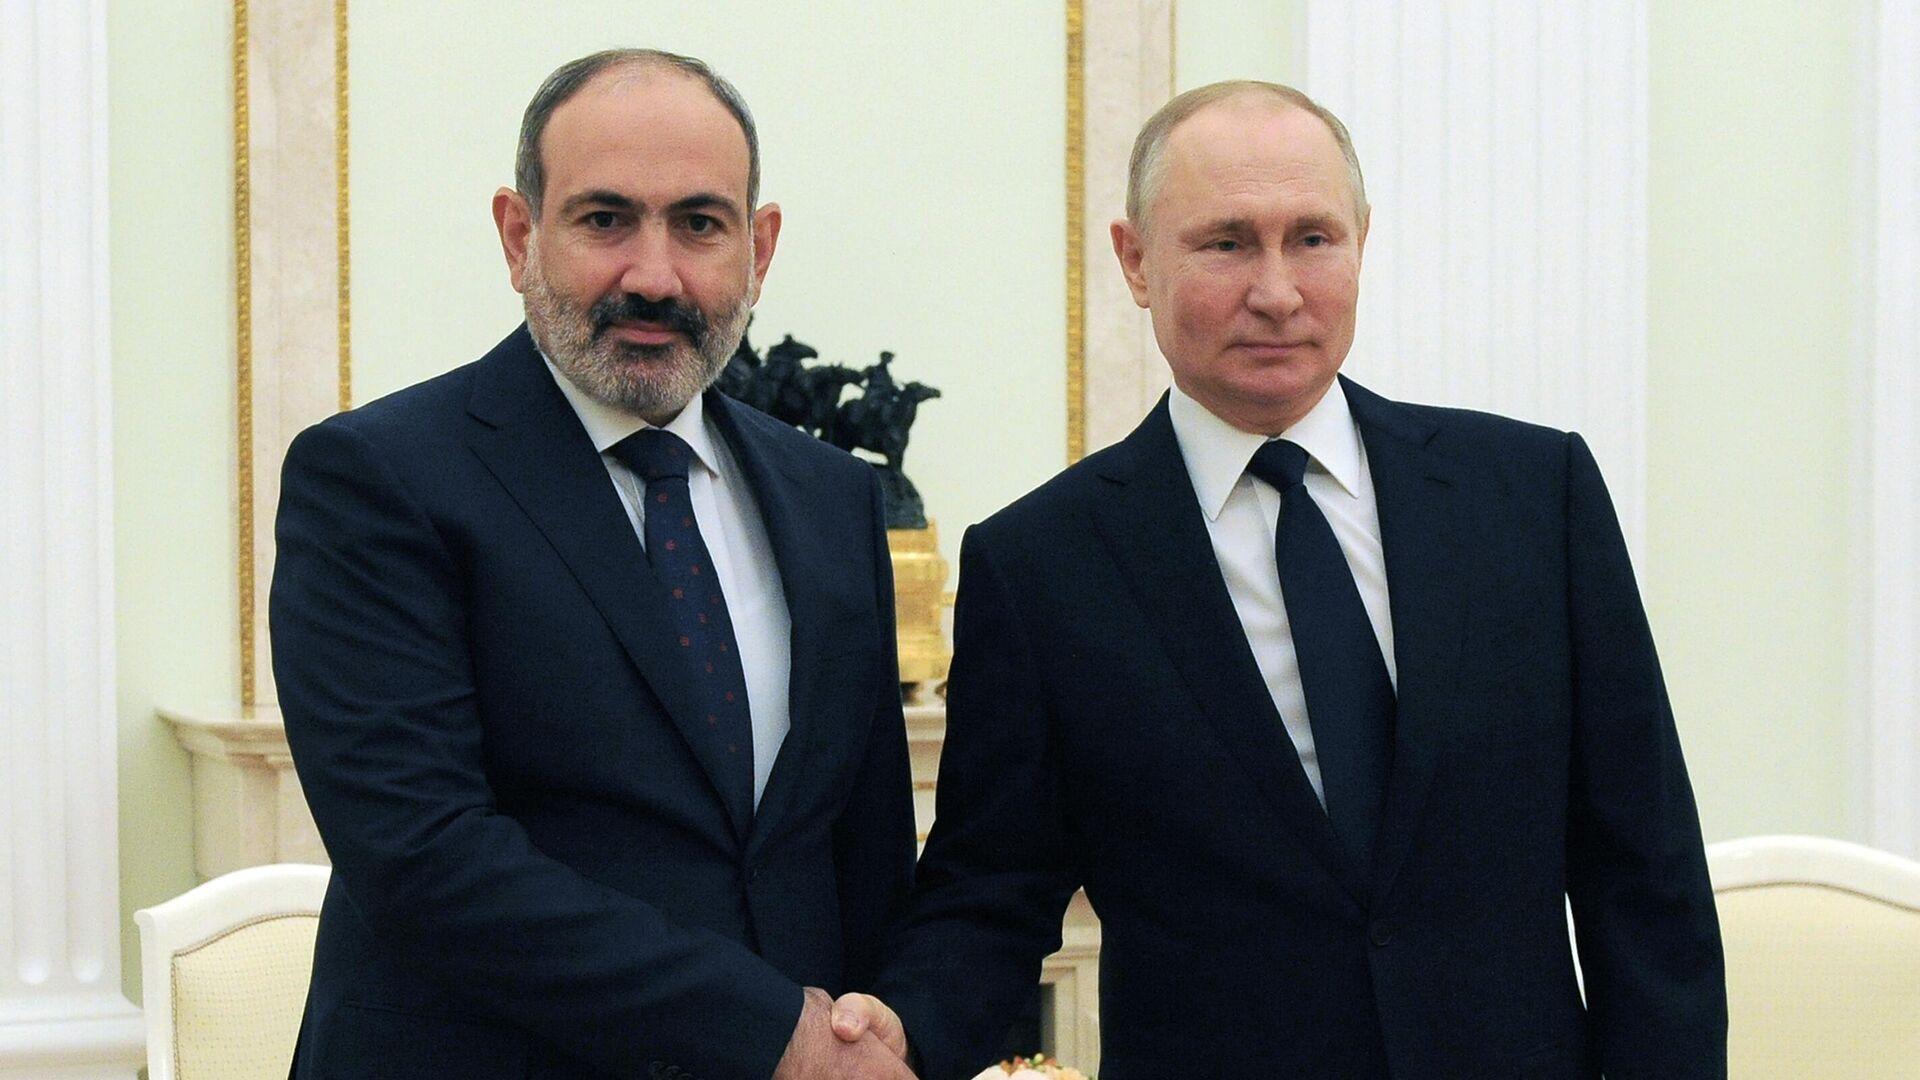 Президент РФ Владимир Путин и премьер-министр Армении Никол Пашинян во время встречи - РИА Новости, 1920, 07.04.2021